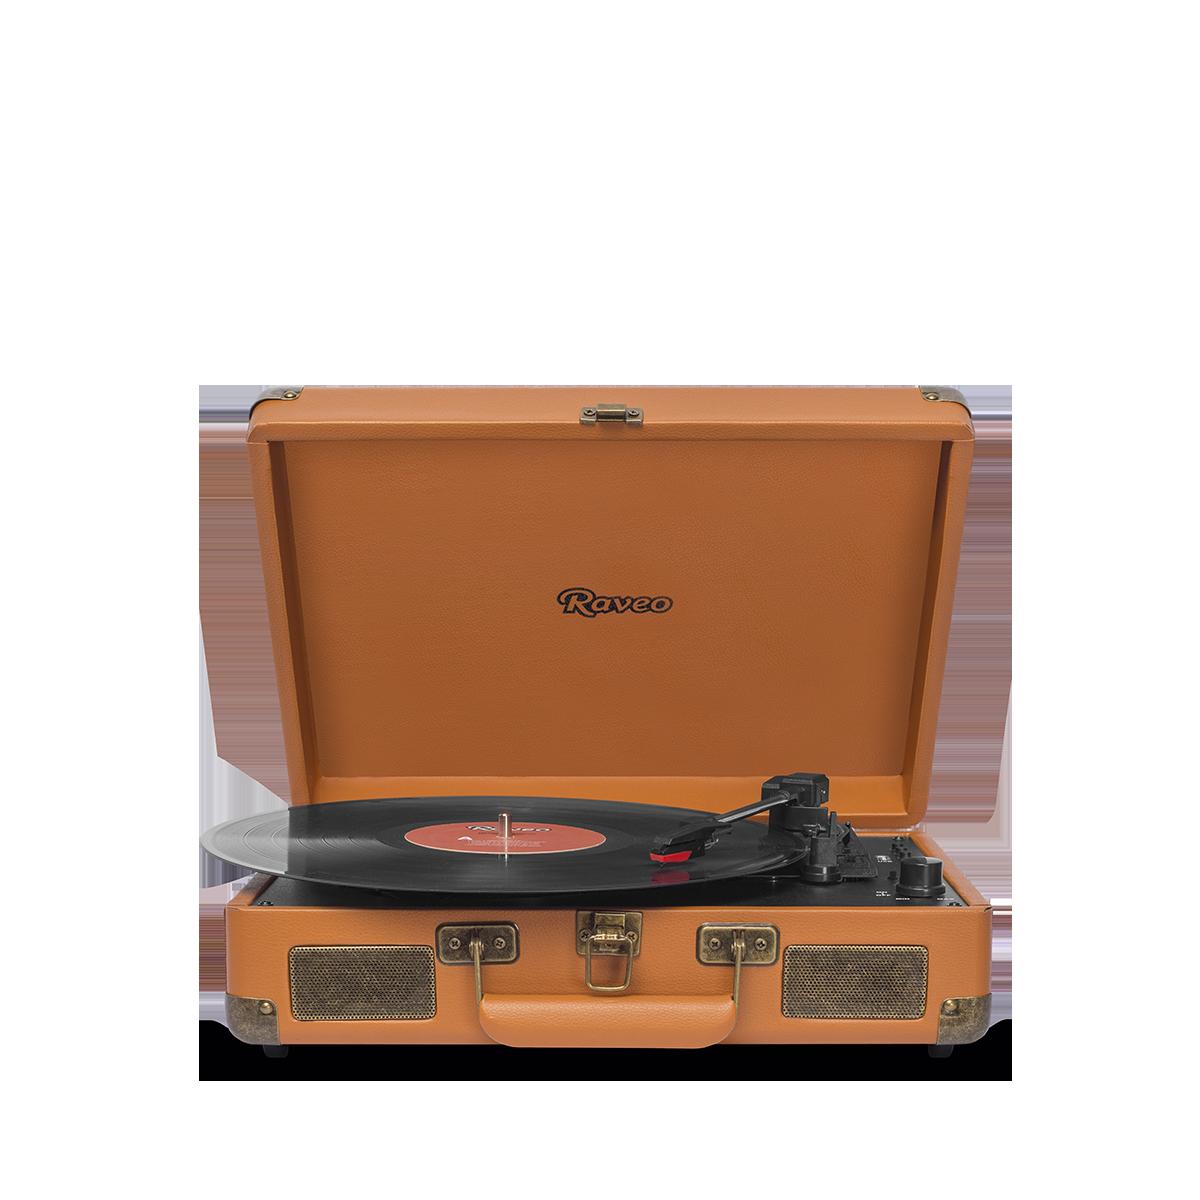 Vitrola Raveo SONETTO com Toca-Discos, Entrada USB, Caramelo